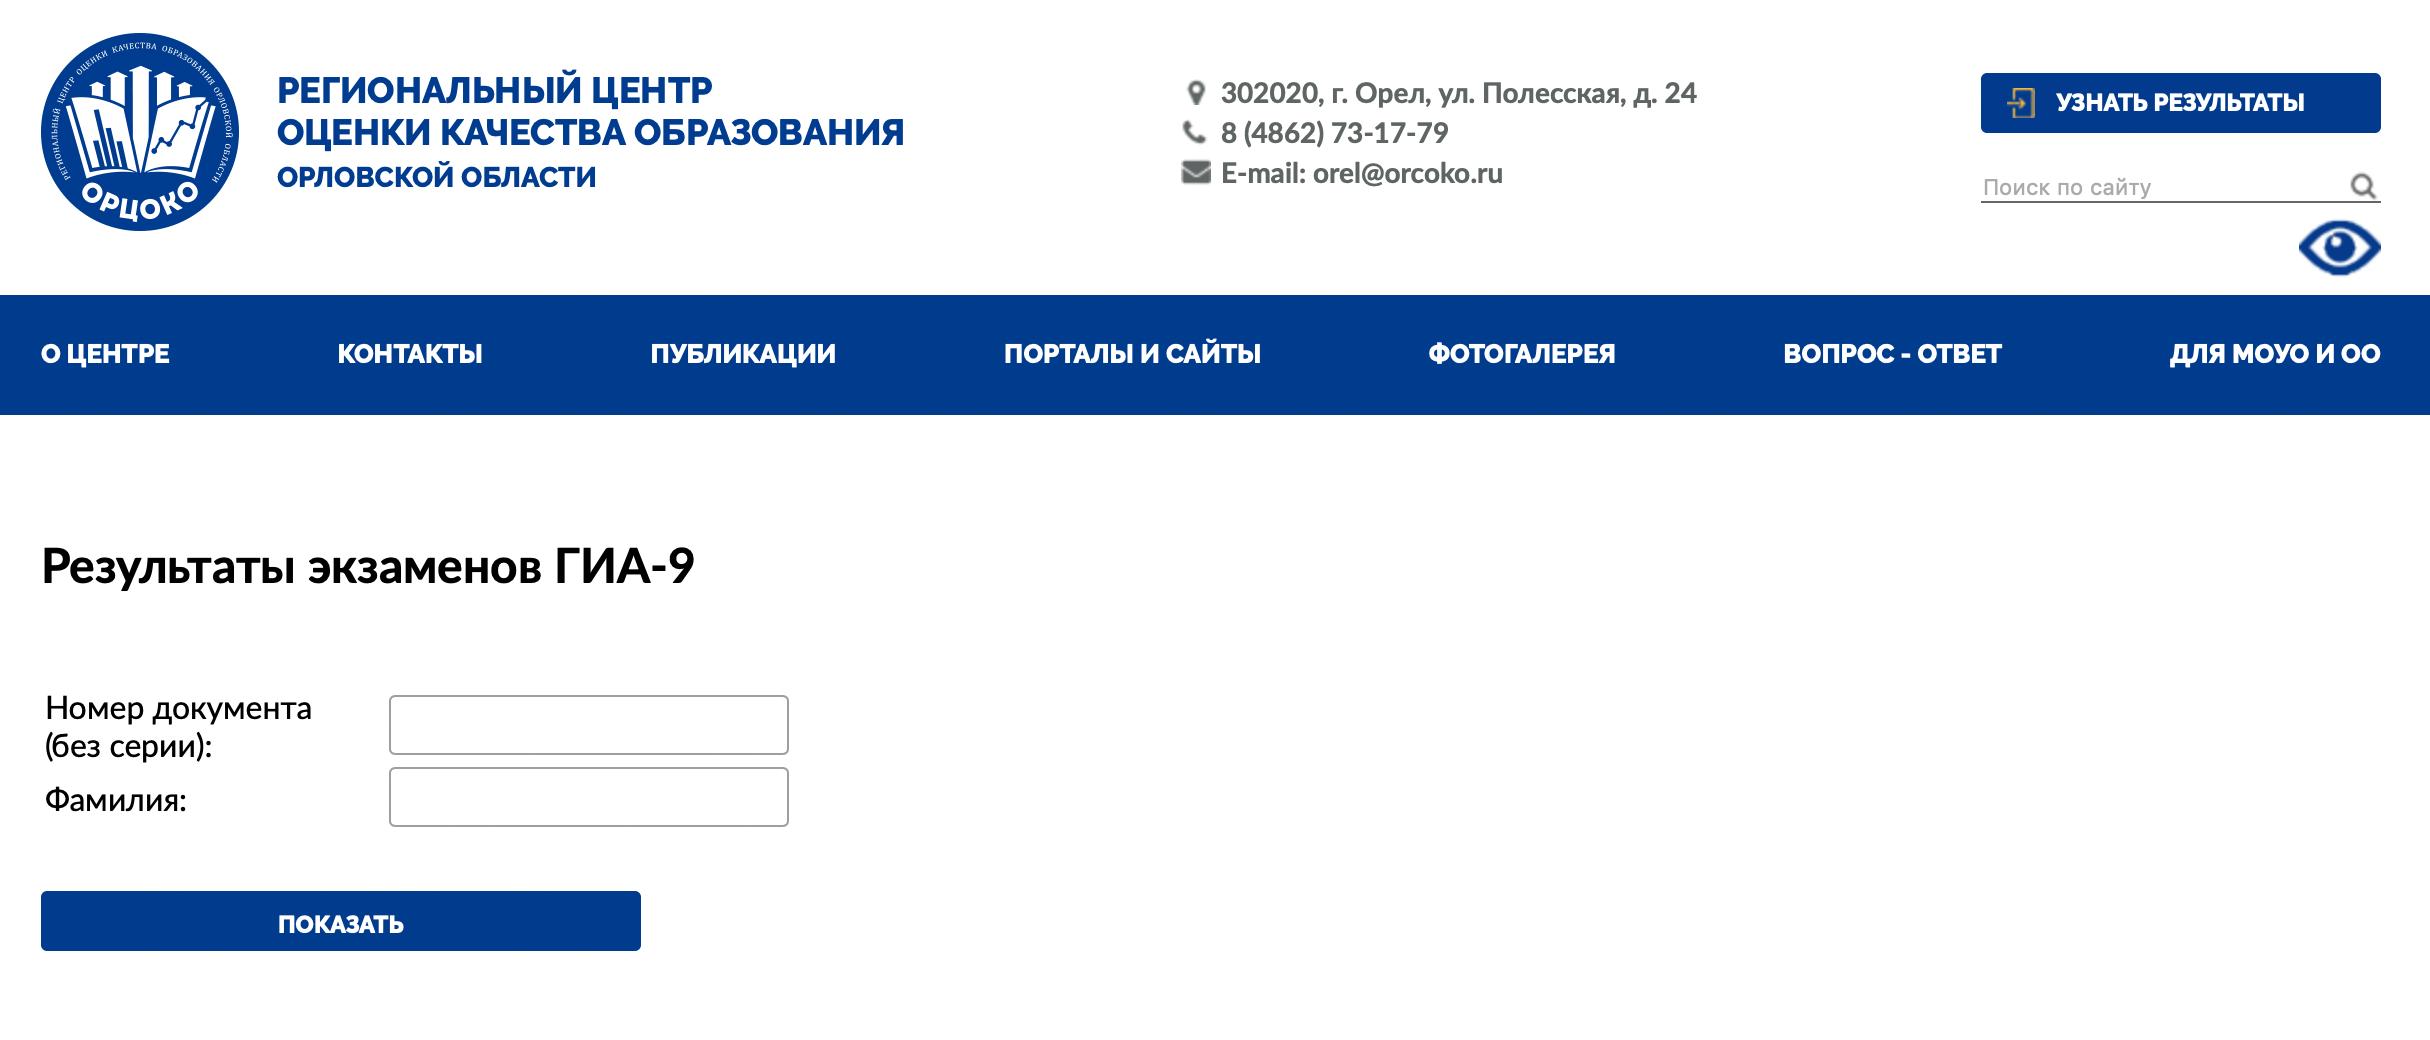 Страница результатов экзамена на сайте Орловской области